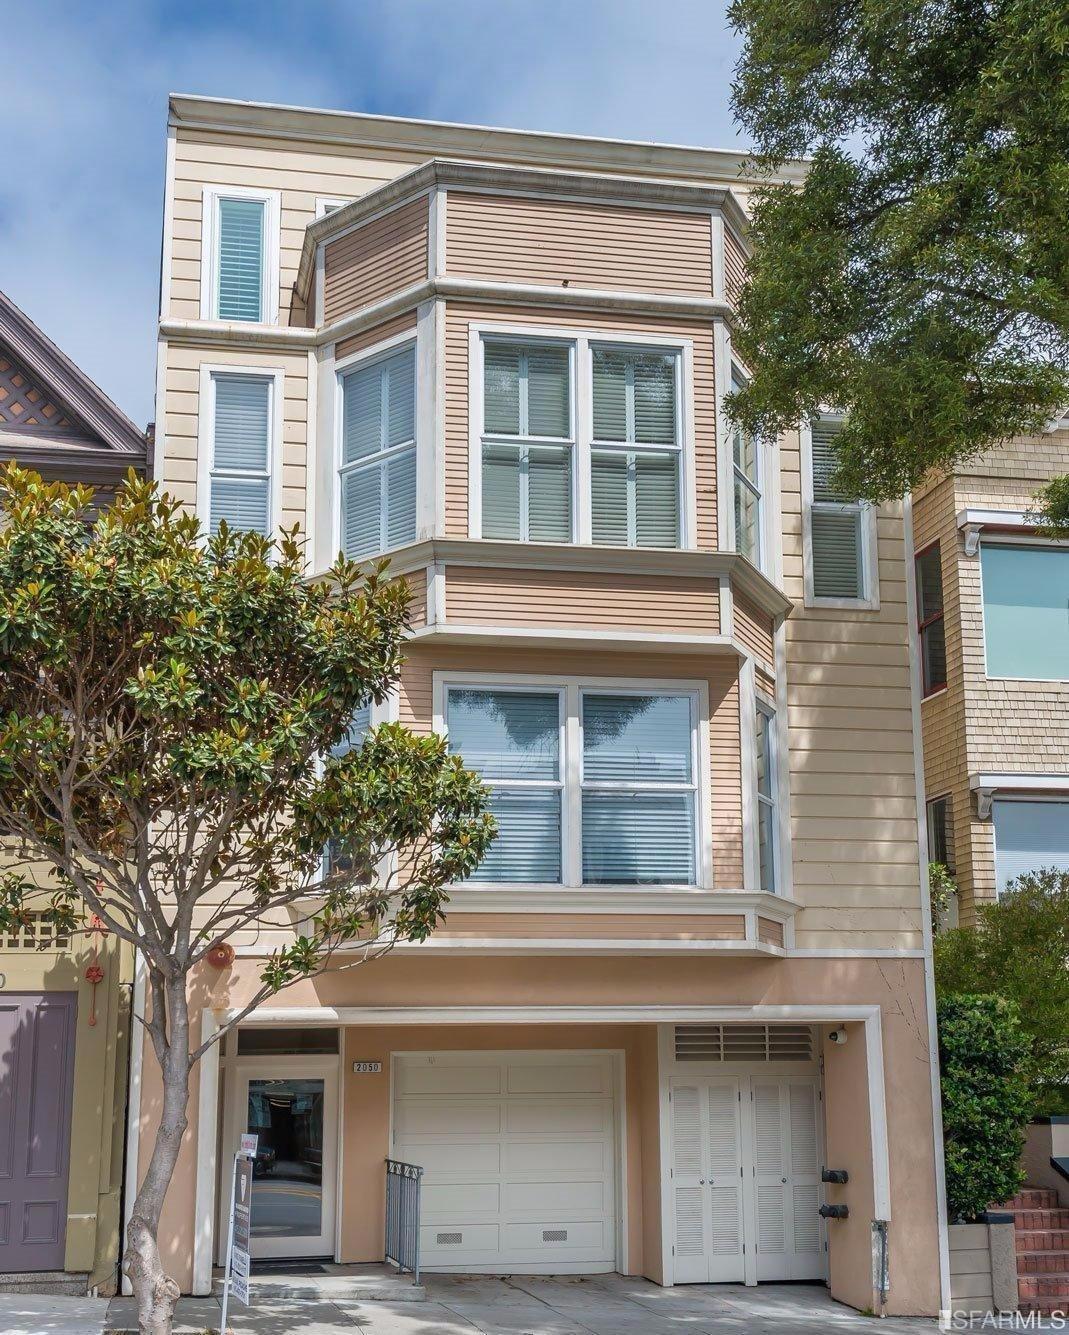 2050 Divisadero St #2, San Francisco, CA 94115